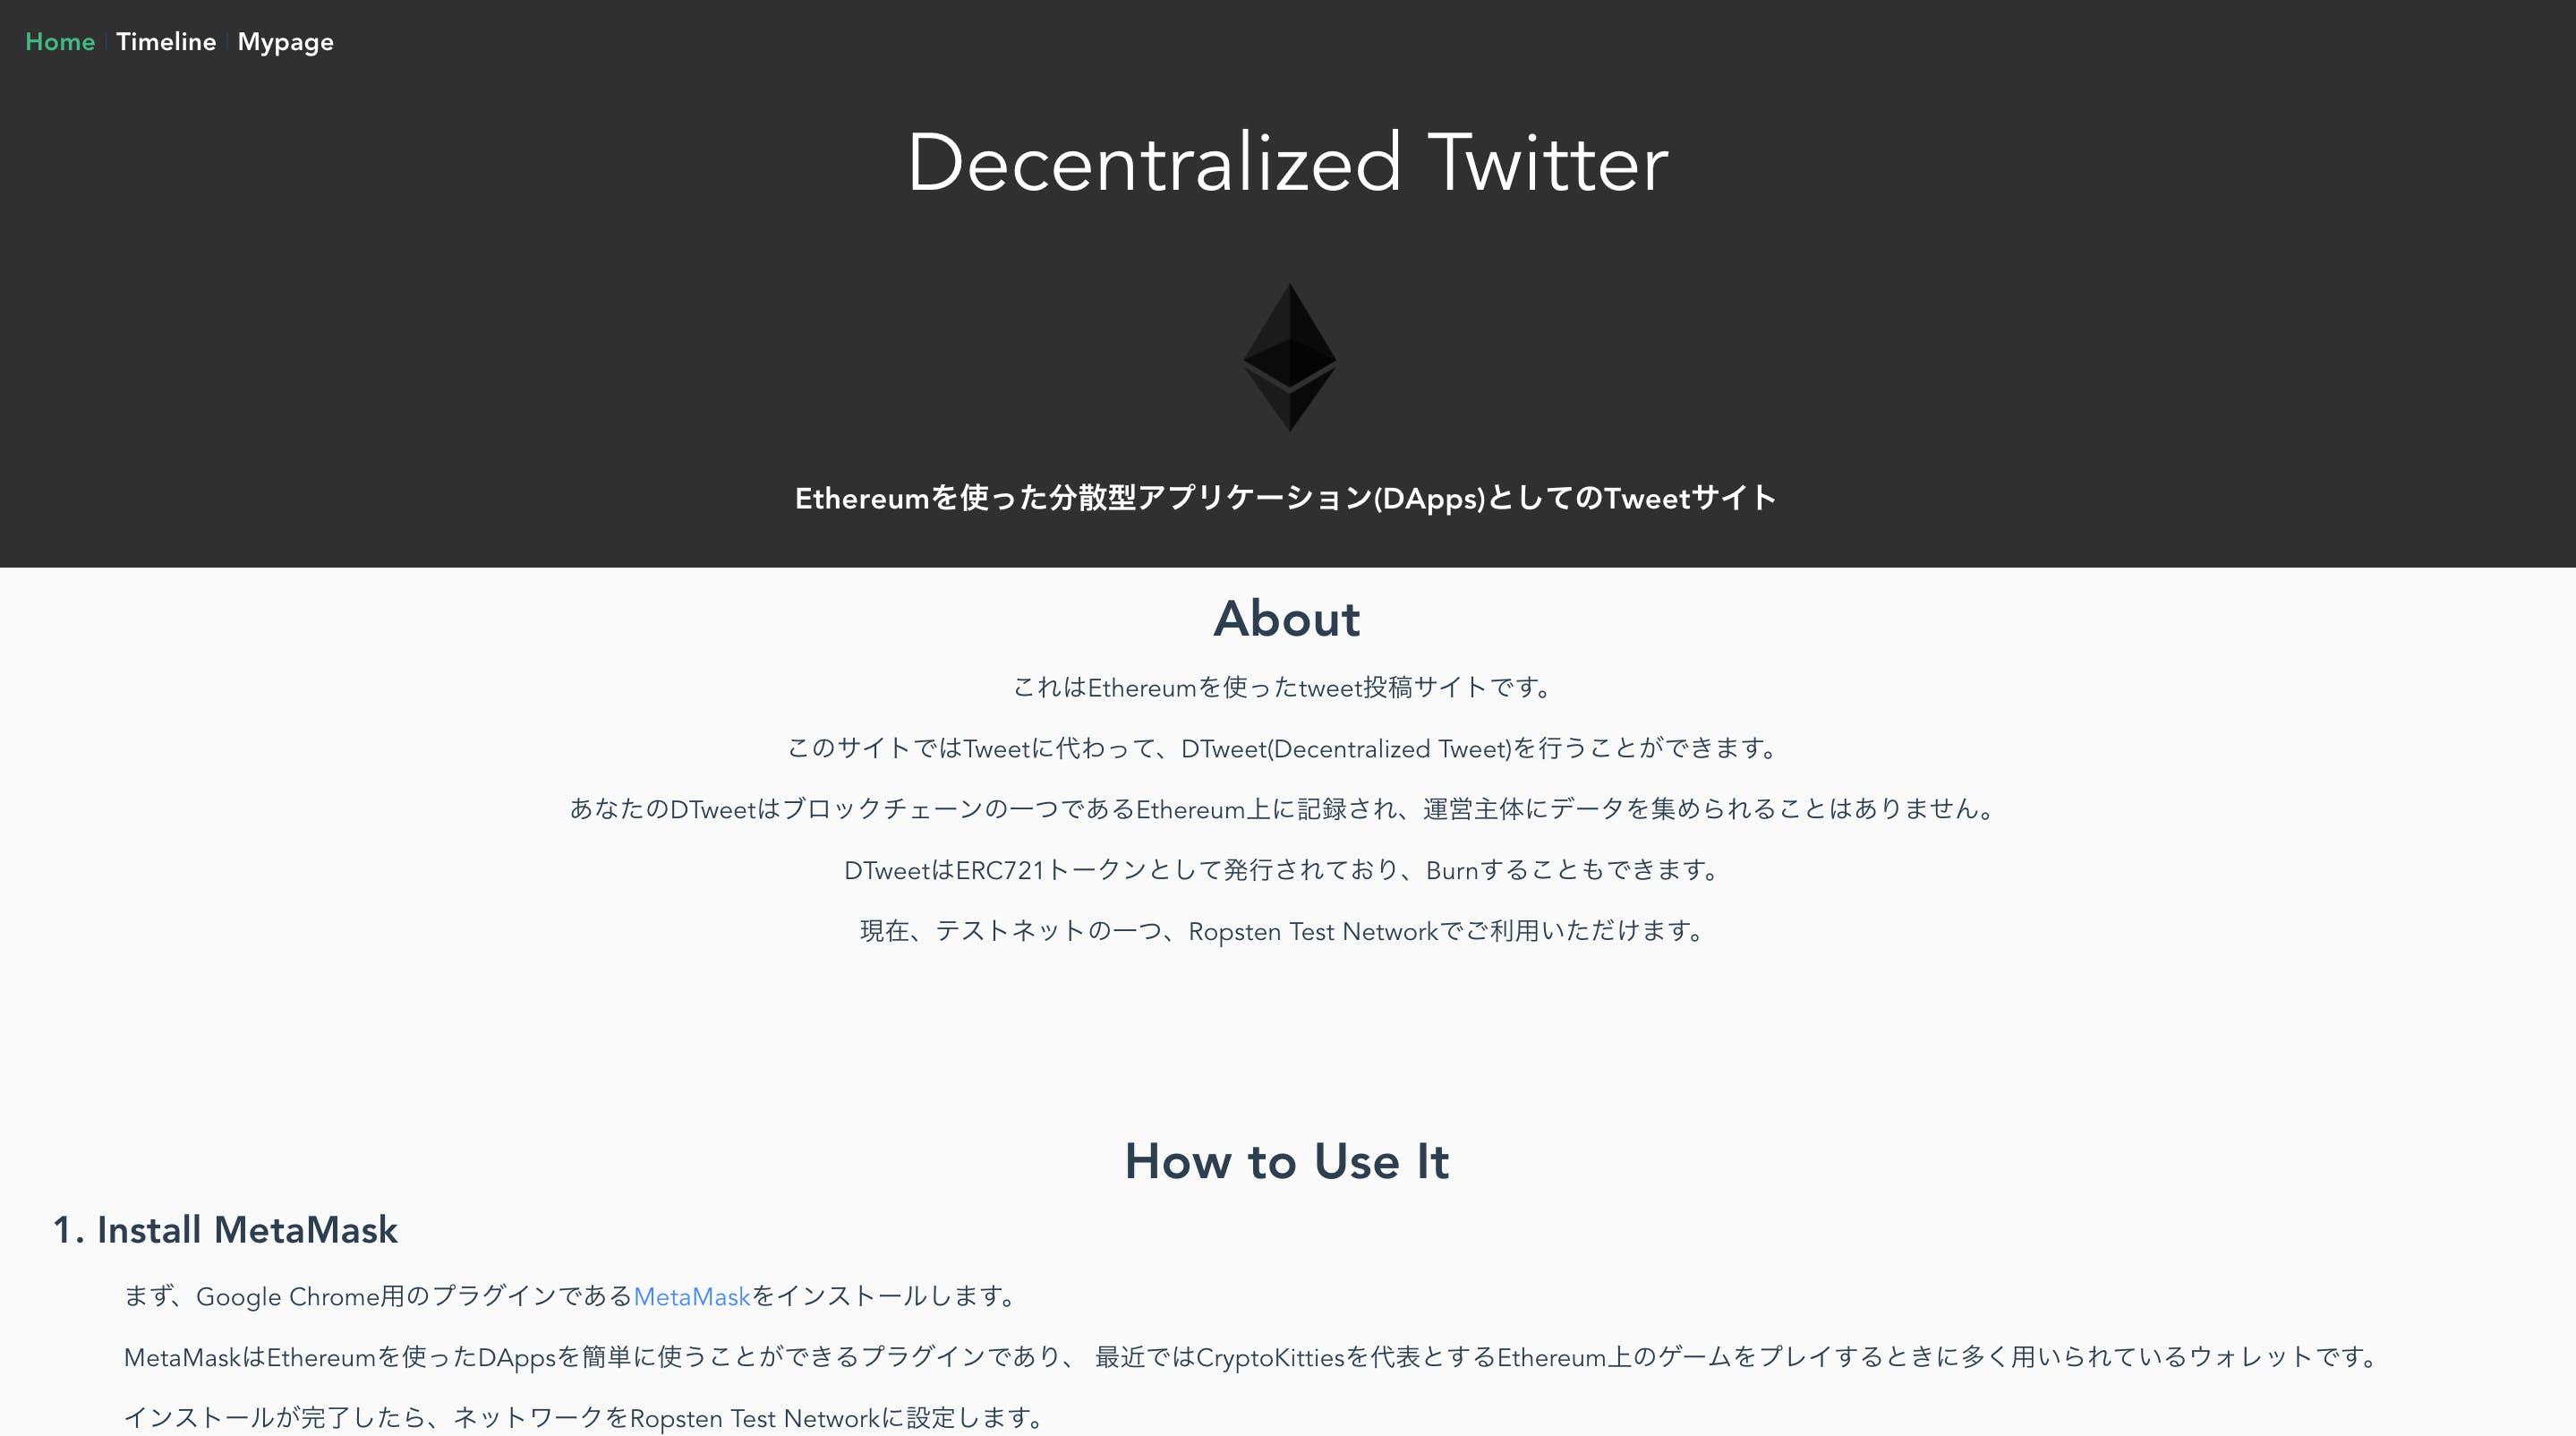 スクリーンショット 2018-04-05 20.34.59.png